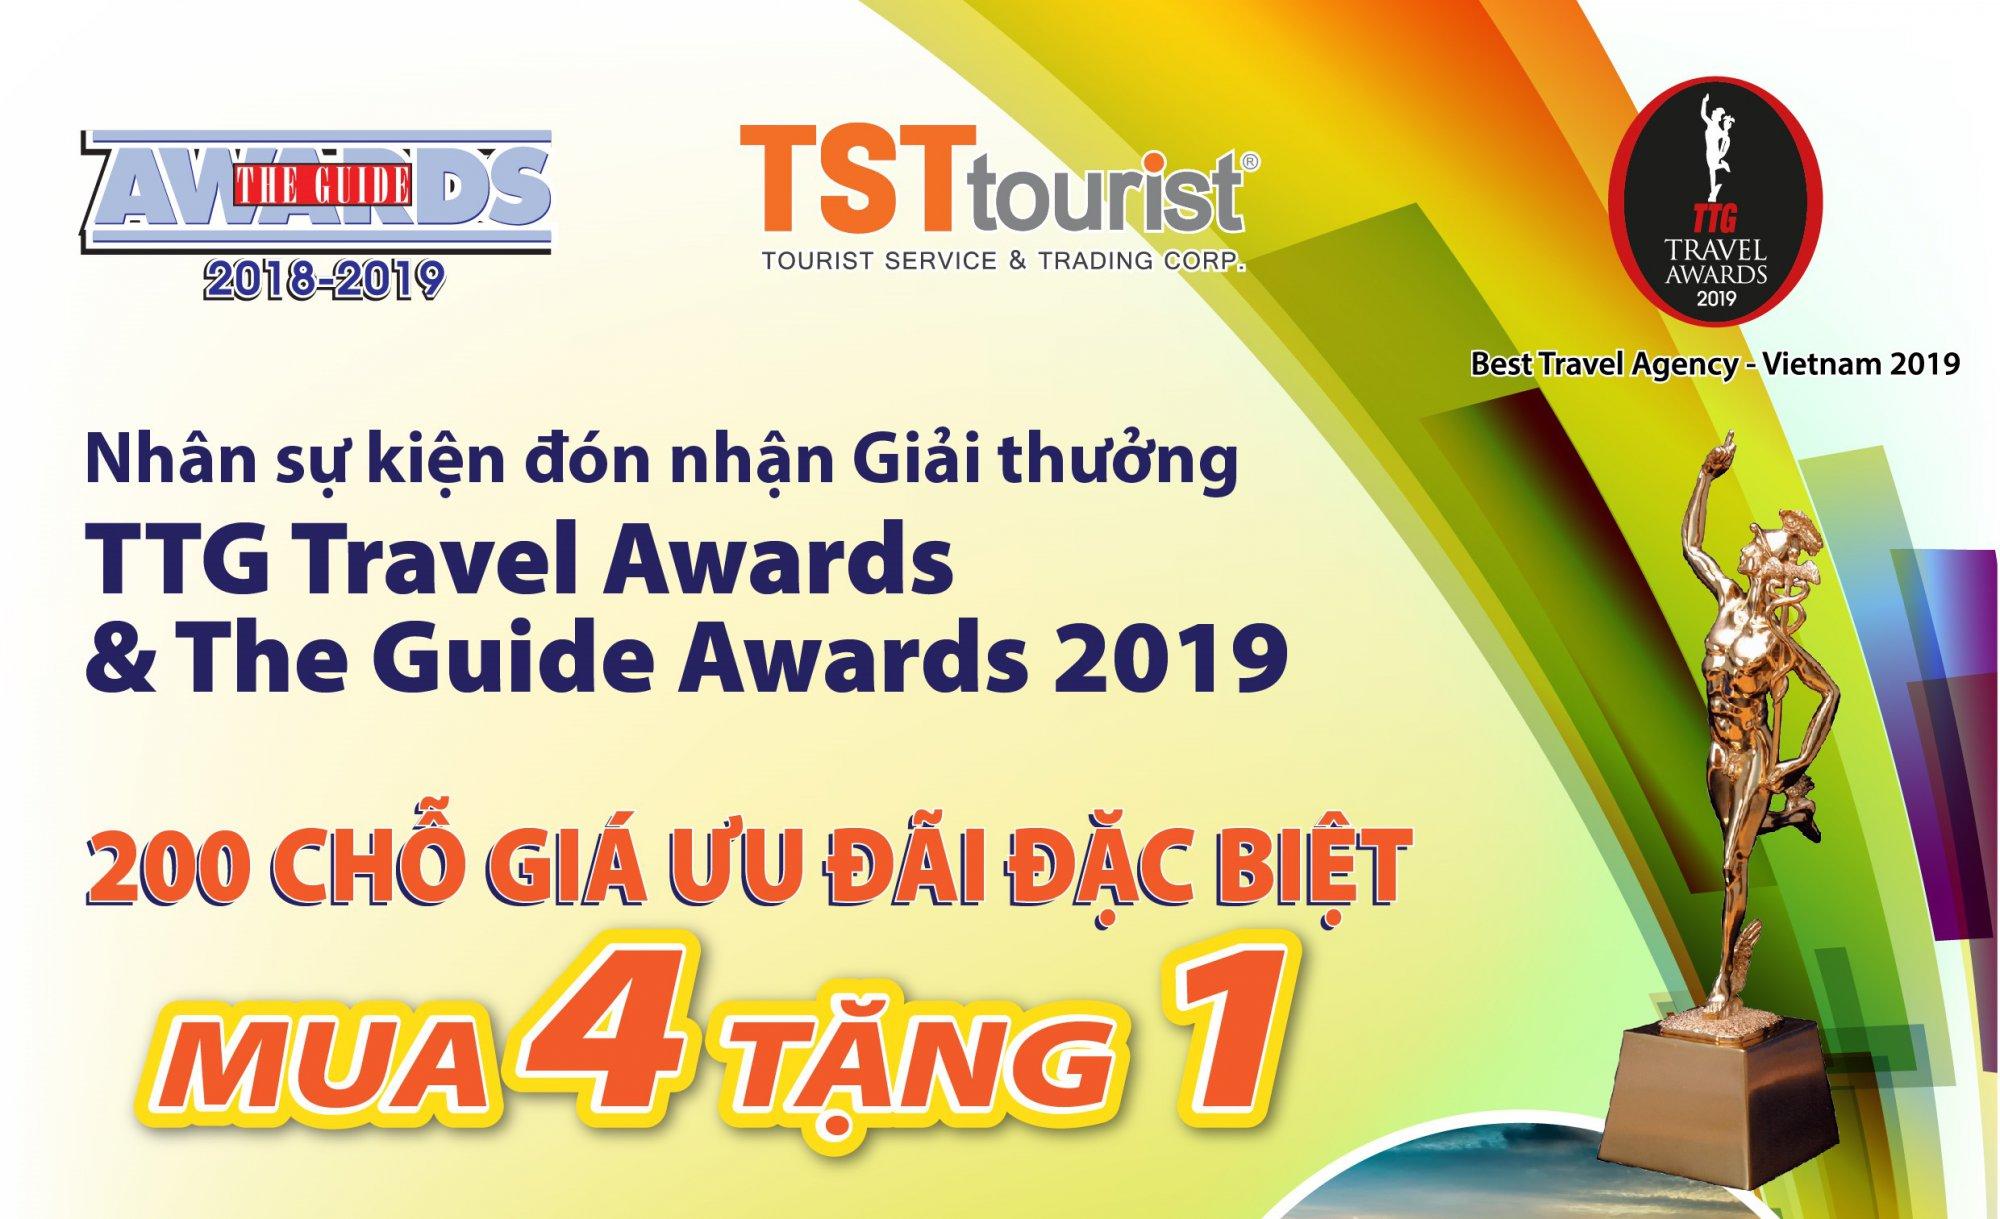 Ưu đãi đặc biệt nhân sự kiện đón nhận giải thưởng TTG Travel Awards & The Guide Awards 2019